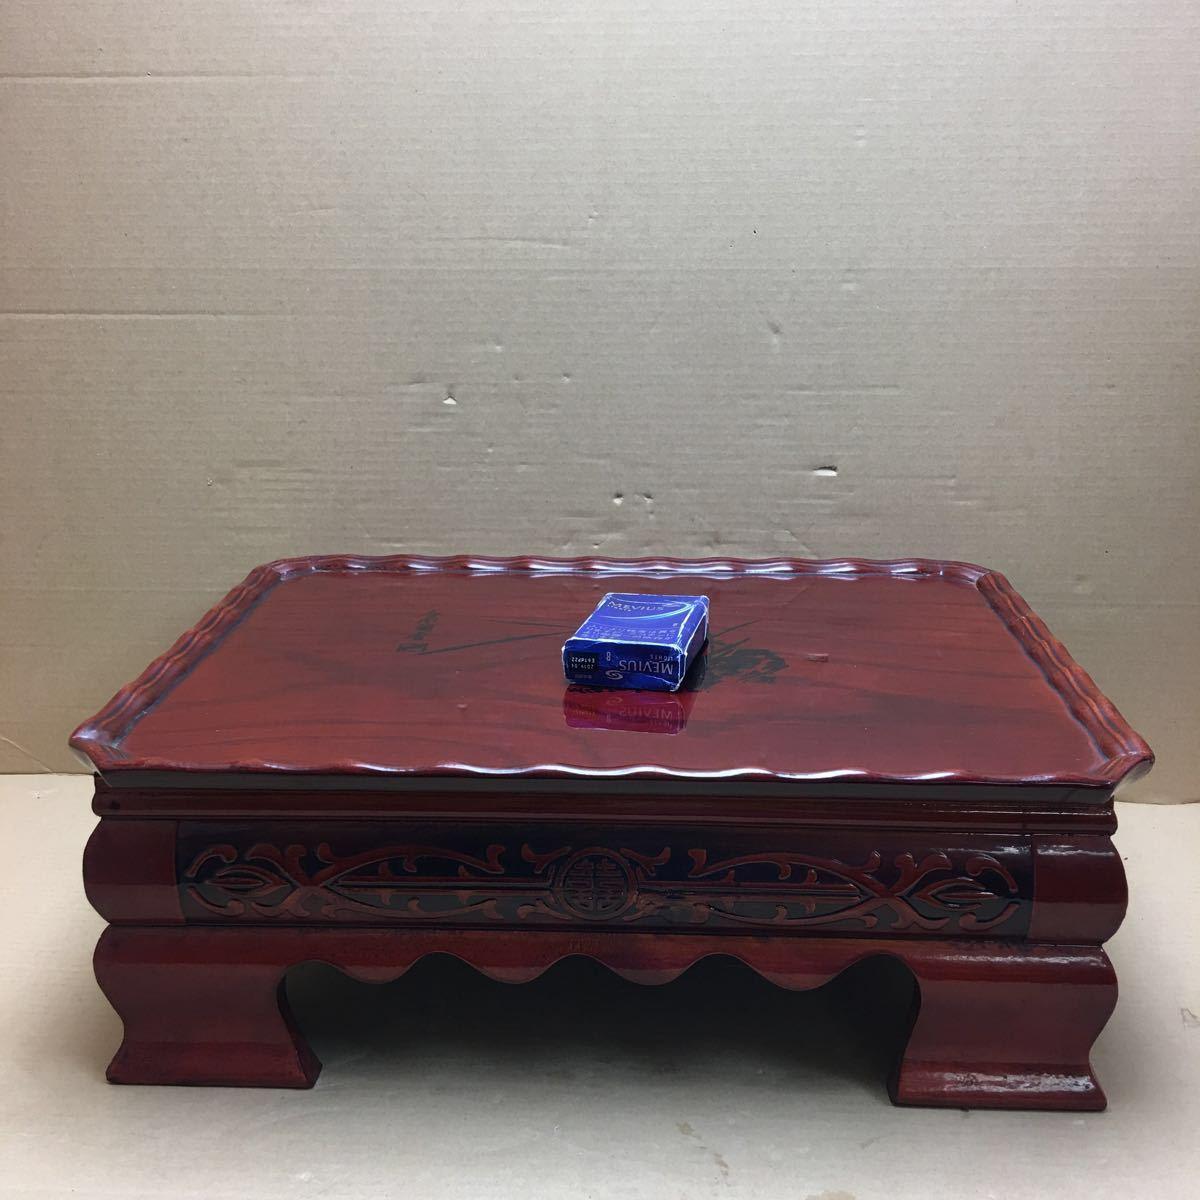 中国美術 漆塗蘭花装飾花台 長方花台 飾り台 盆栽台 香炉台 華道具 茶道具 45×33×16cm_画像1